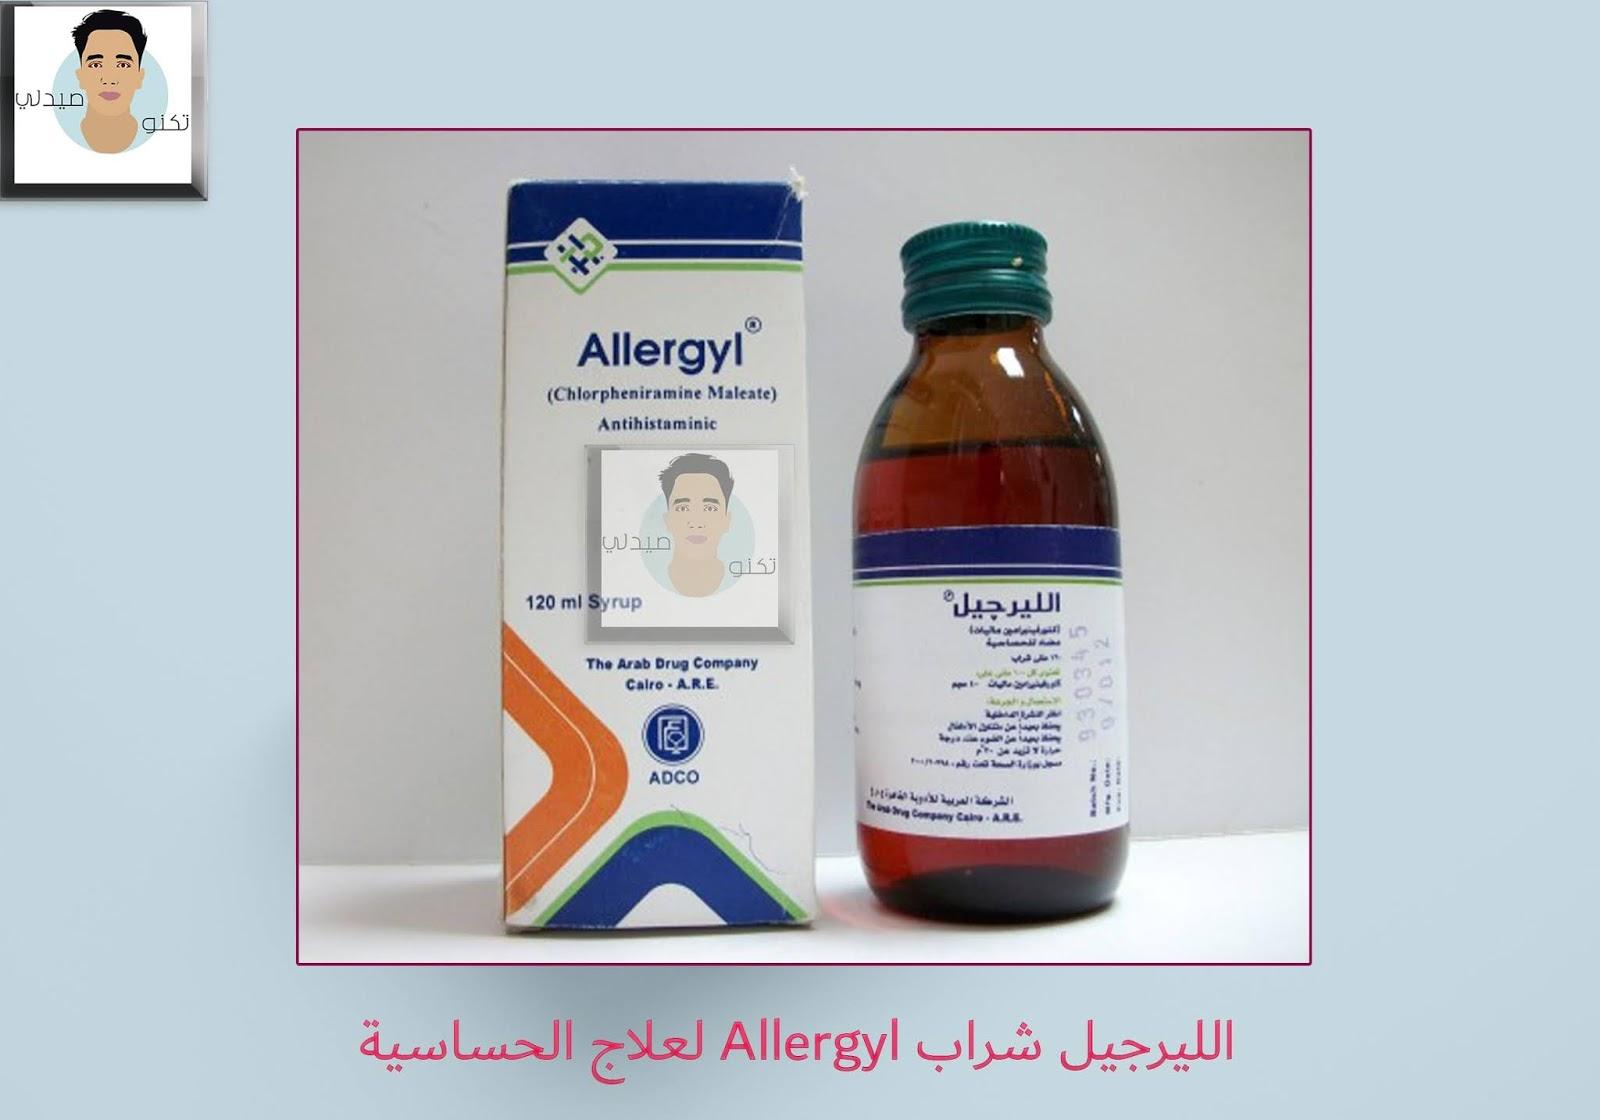 الليرجيل شراب Allergyl لعلاج الحساسية